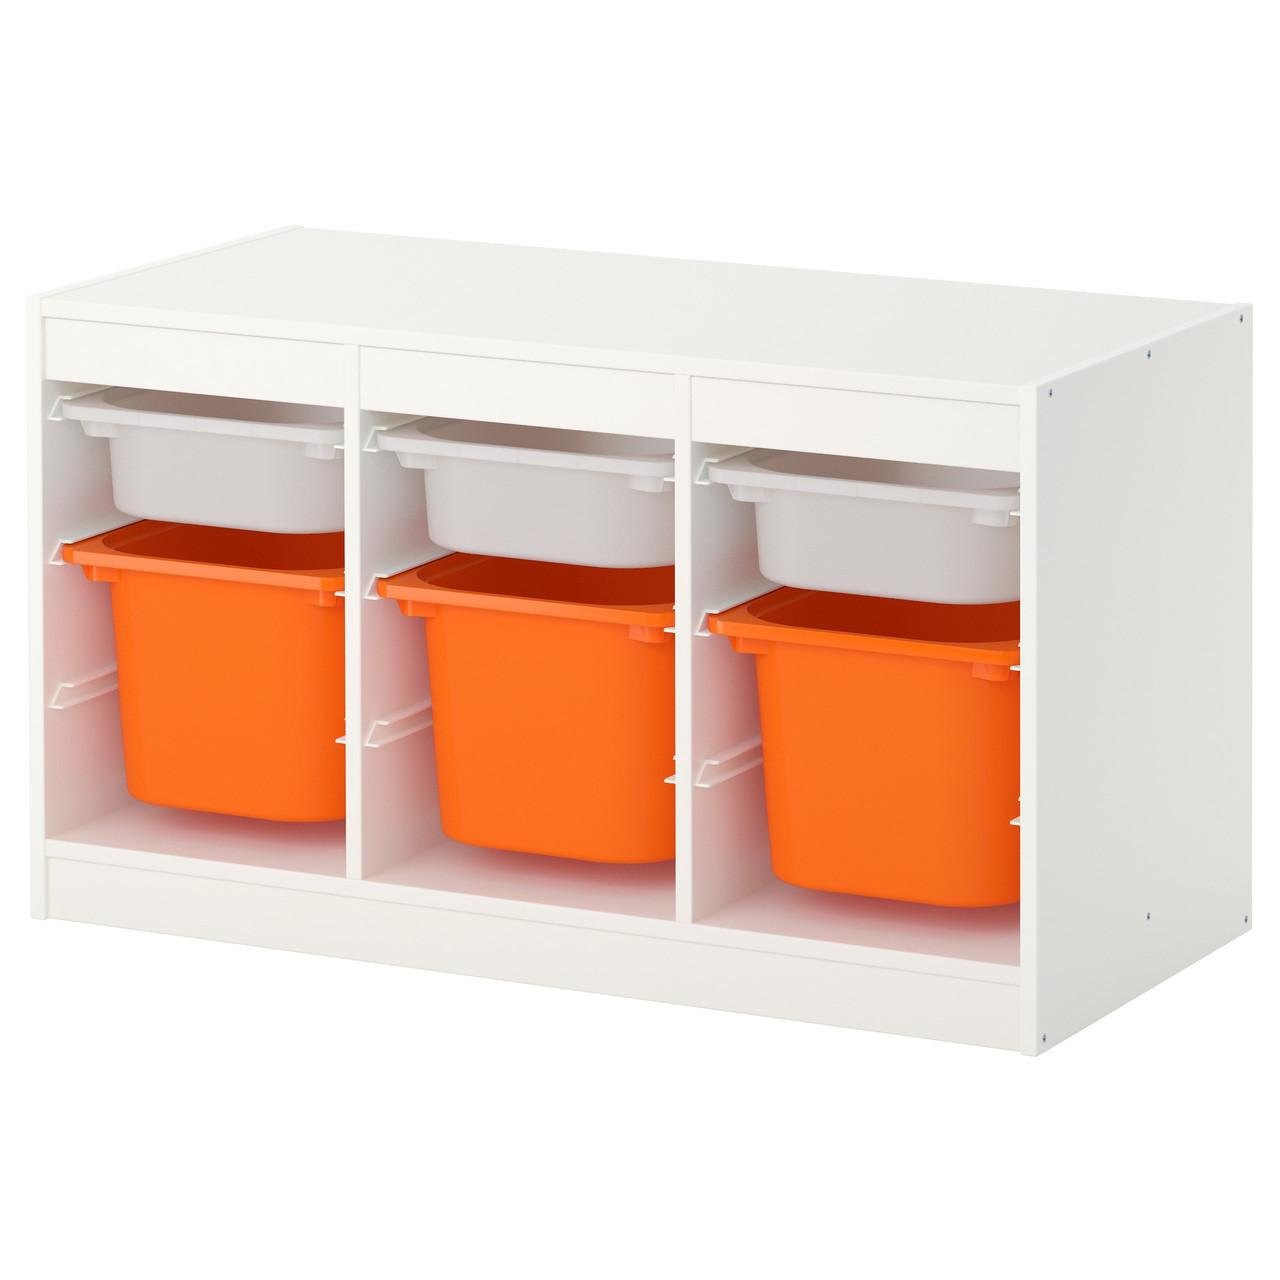 TROFAST Стеллаж с емкостями, белый, оранжевый 391.843.76